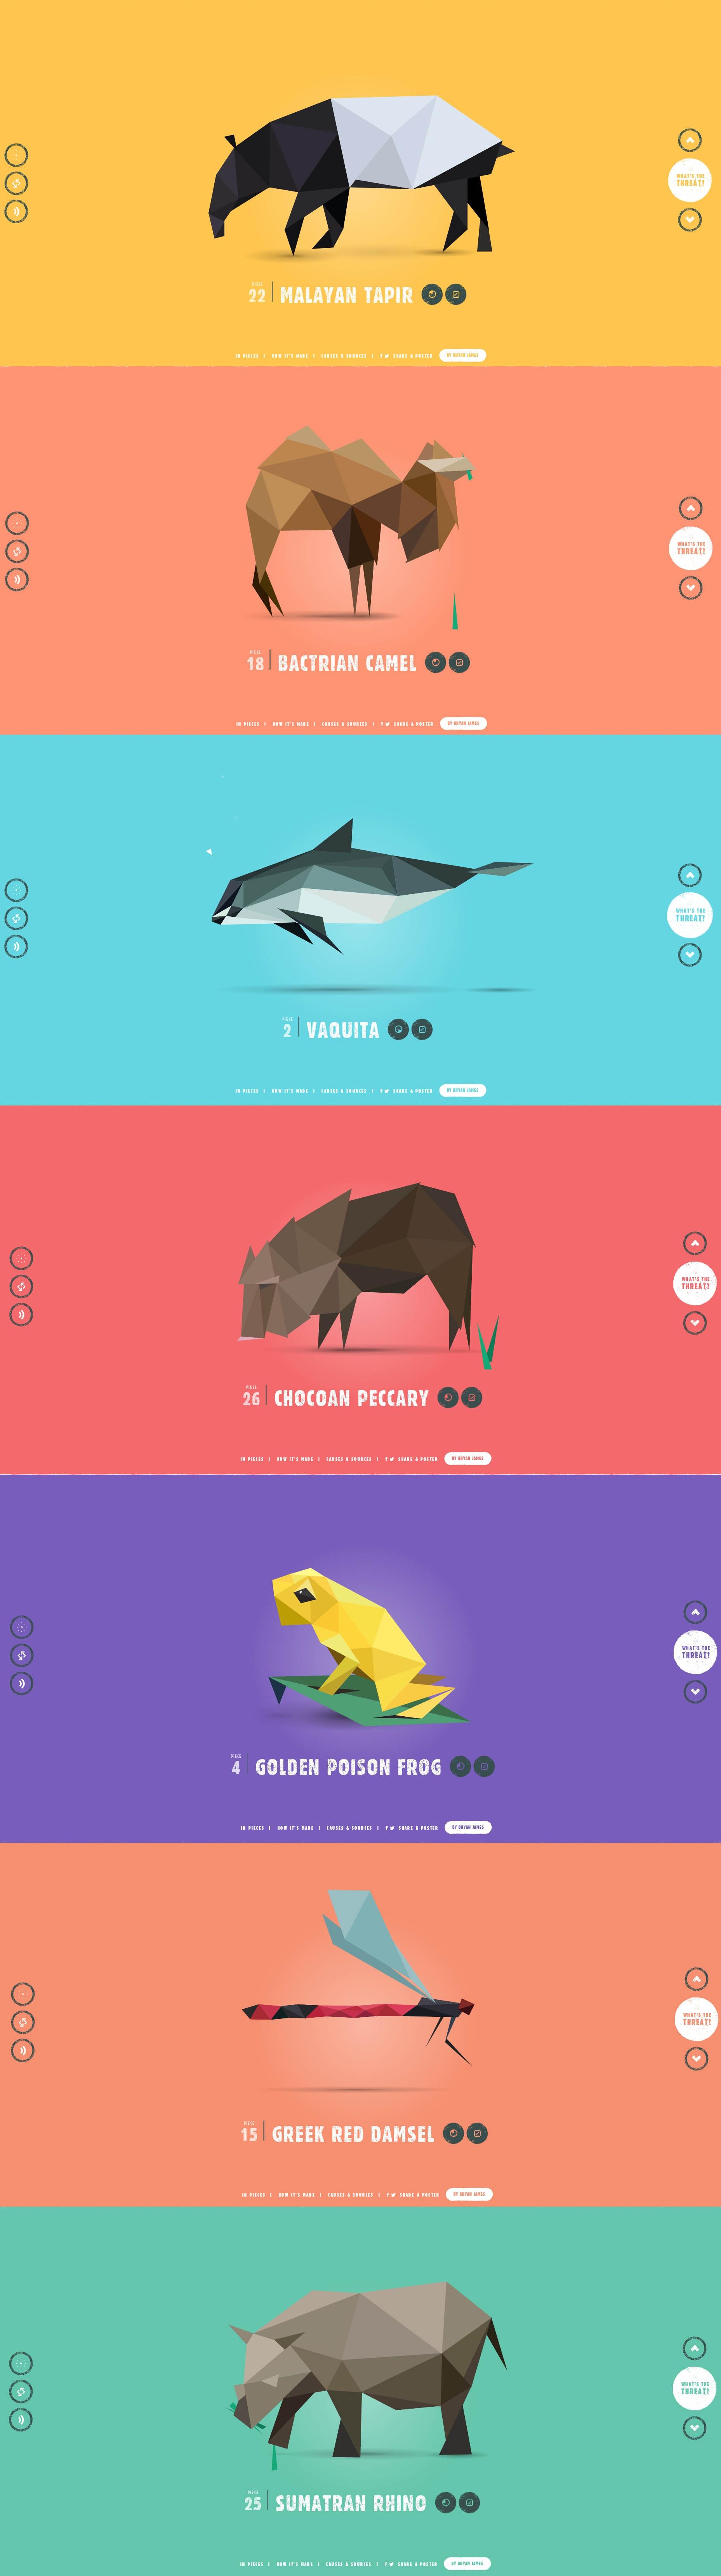 栩栩如生的几何图形演变组成的动物html5酷站!里面有